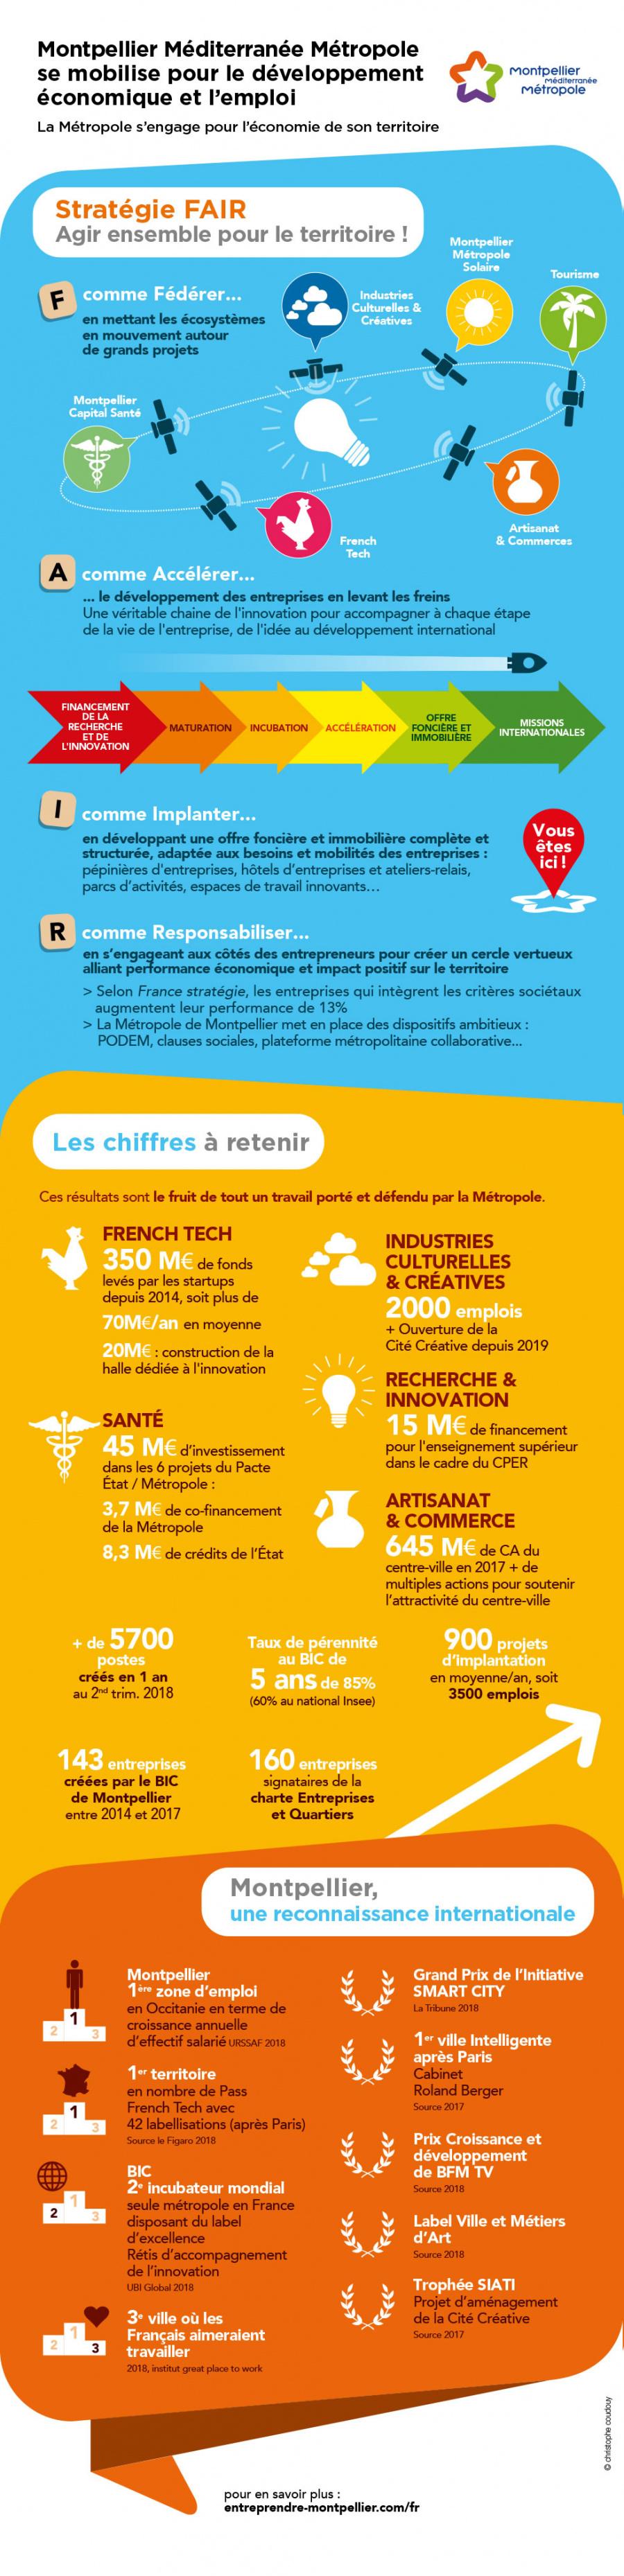 Montpellier se mobilise pour le développement économique et l'emploi